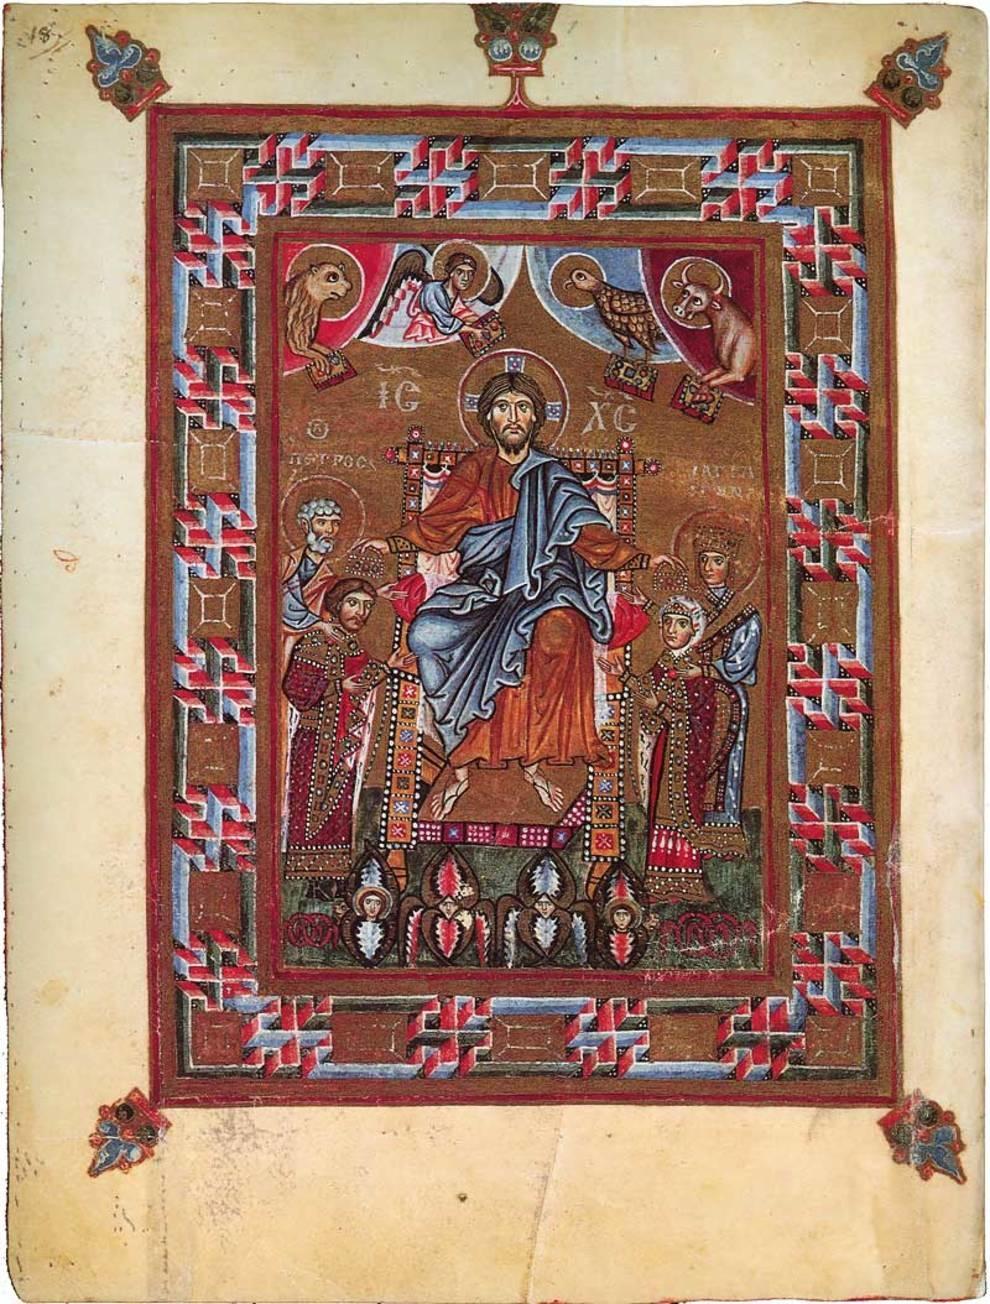 Кодекс Гертруды: средневековая иллюстрированная рукопись, сохранившаяся до наших дней